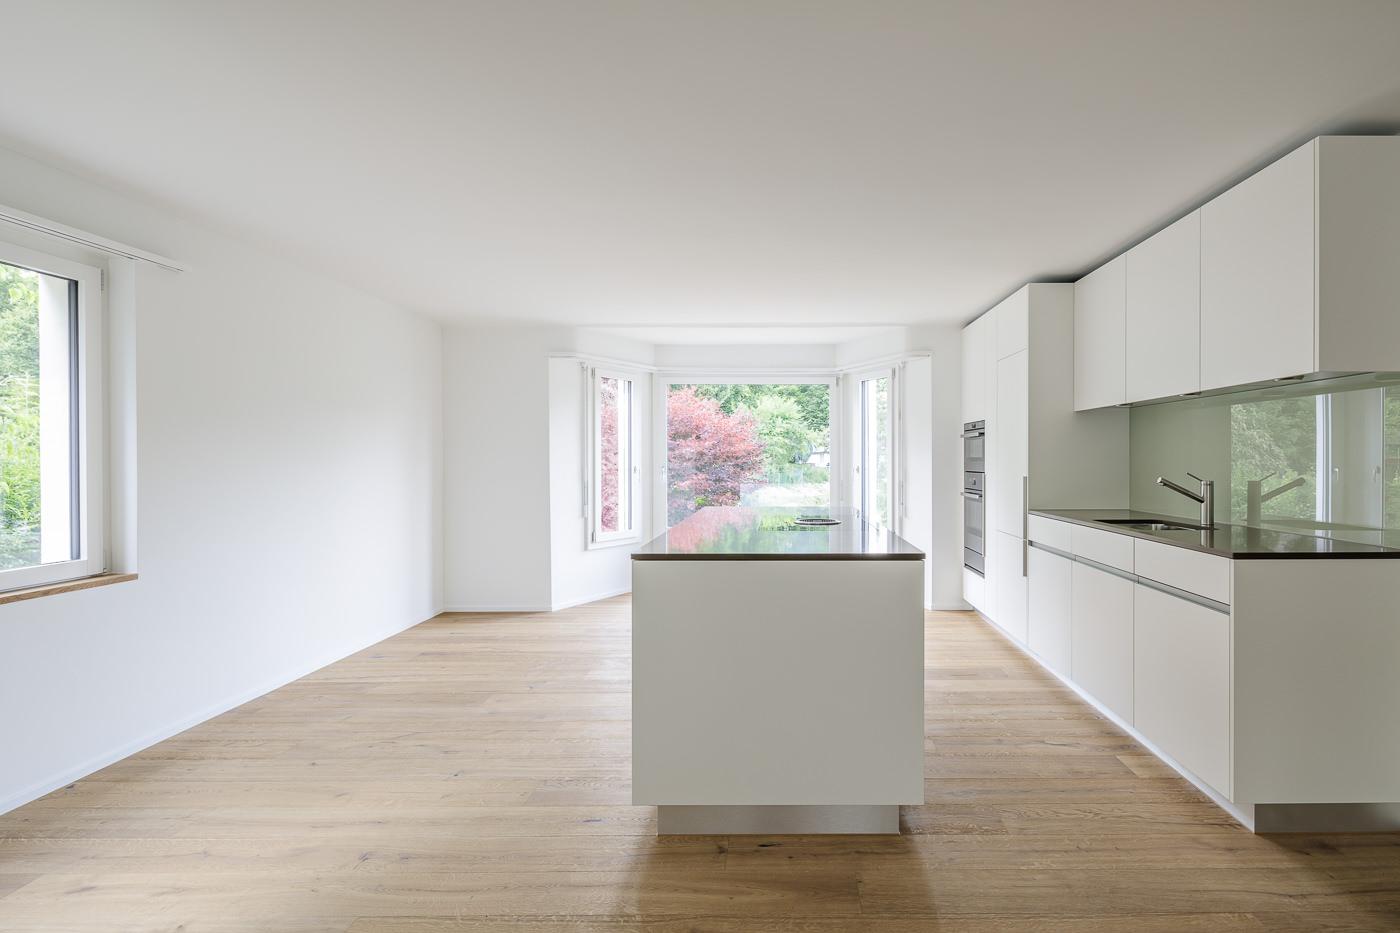 buan architekten – Wohnhaus Langensandstrasse Luzern – Küche